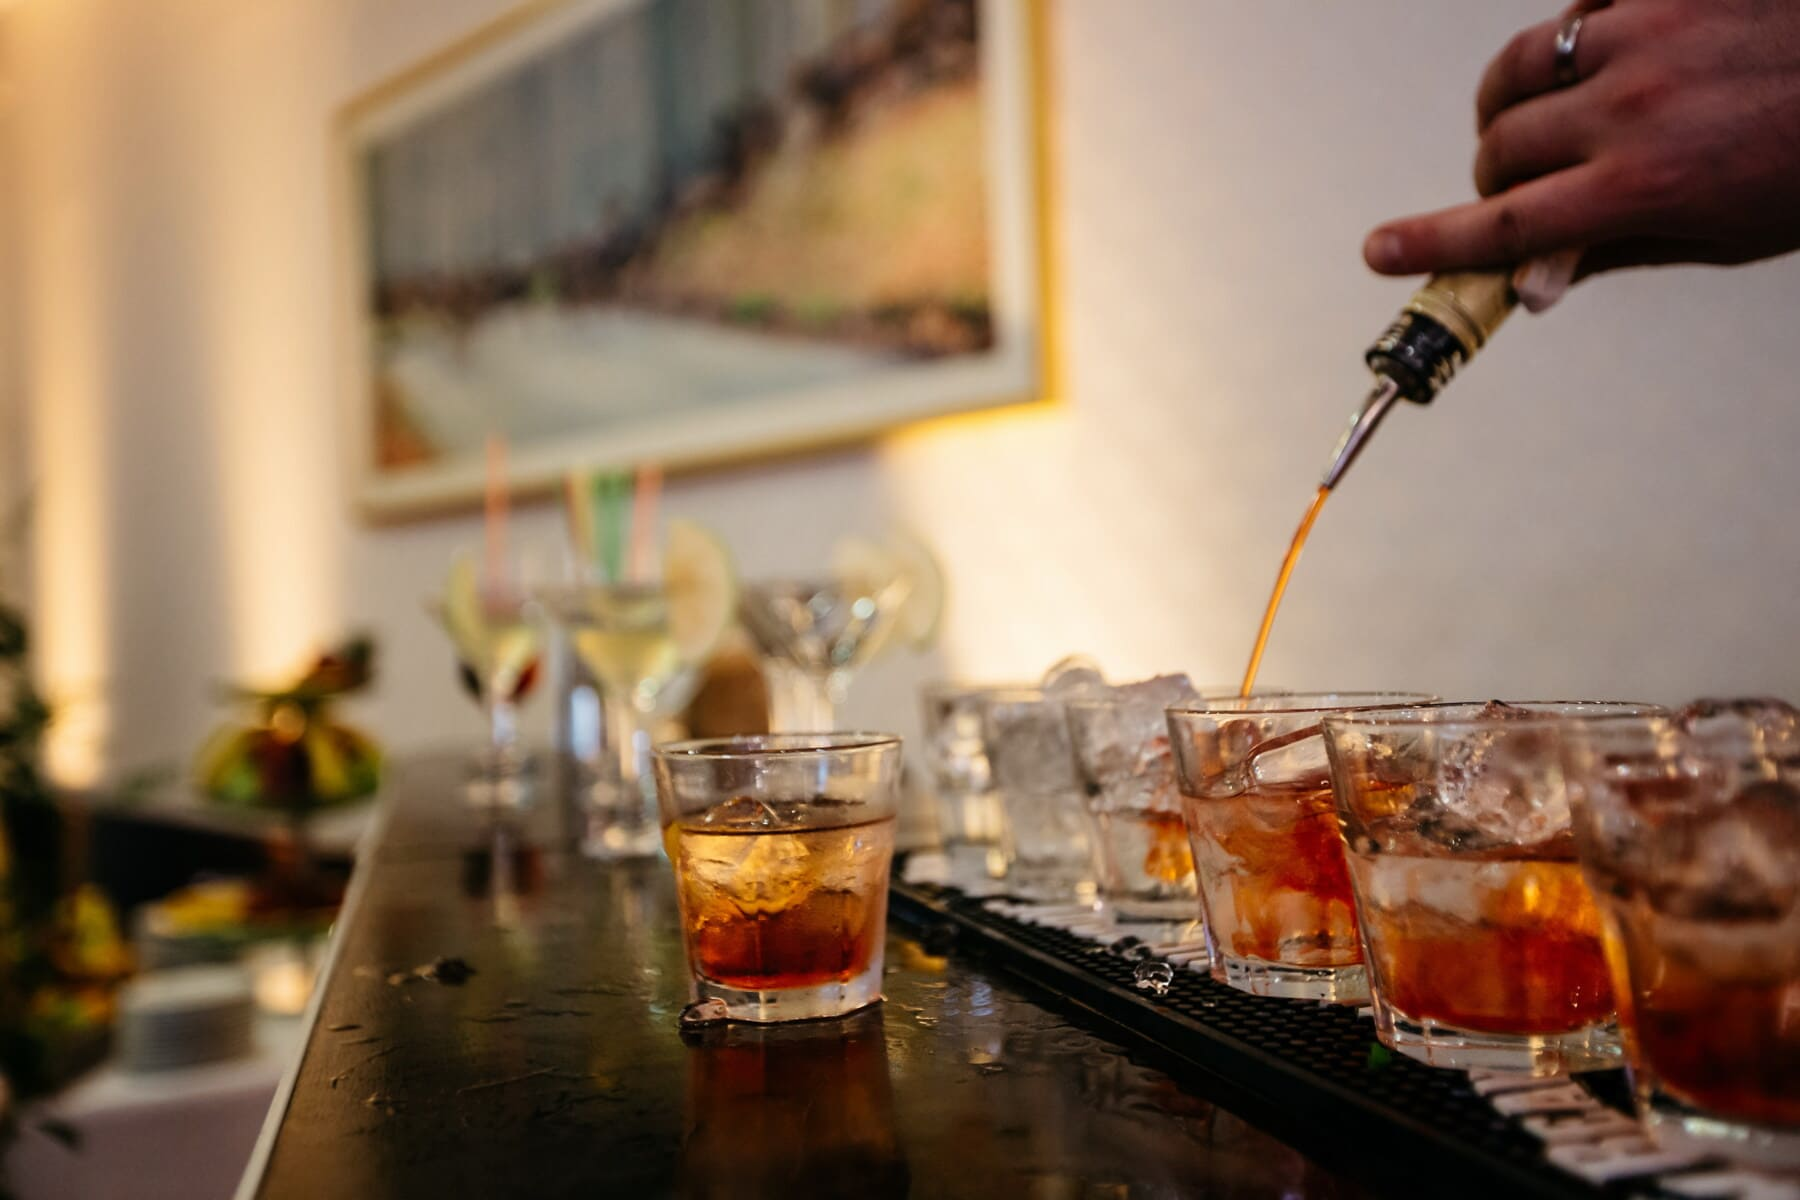 Nachtclub, Alkohol, Barmann, Cocktails, Getränke, Kälte, Flasche, Eiskristall, Wein, Partei